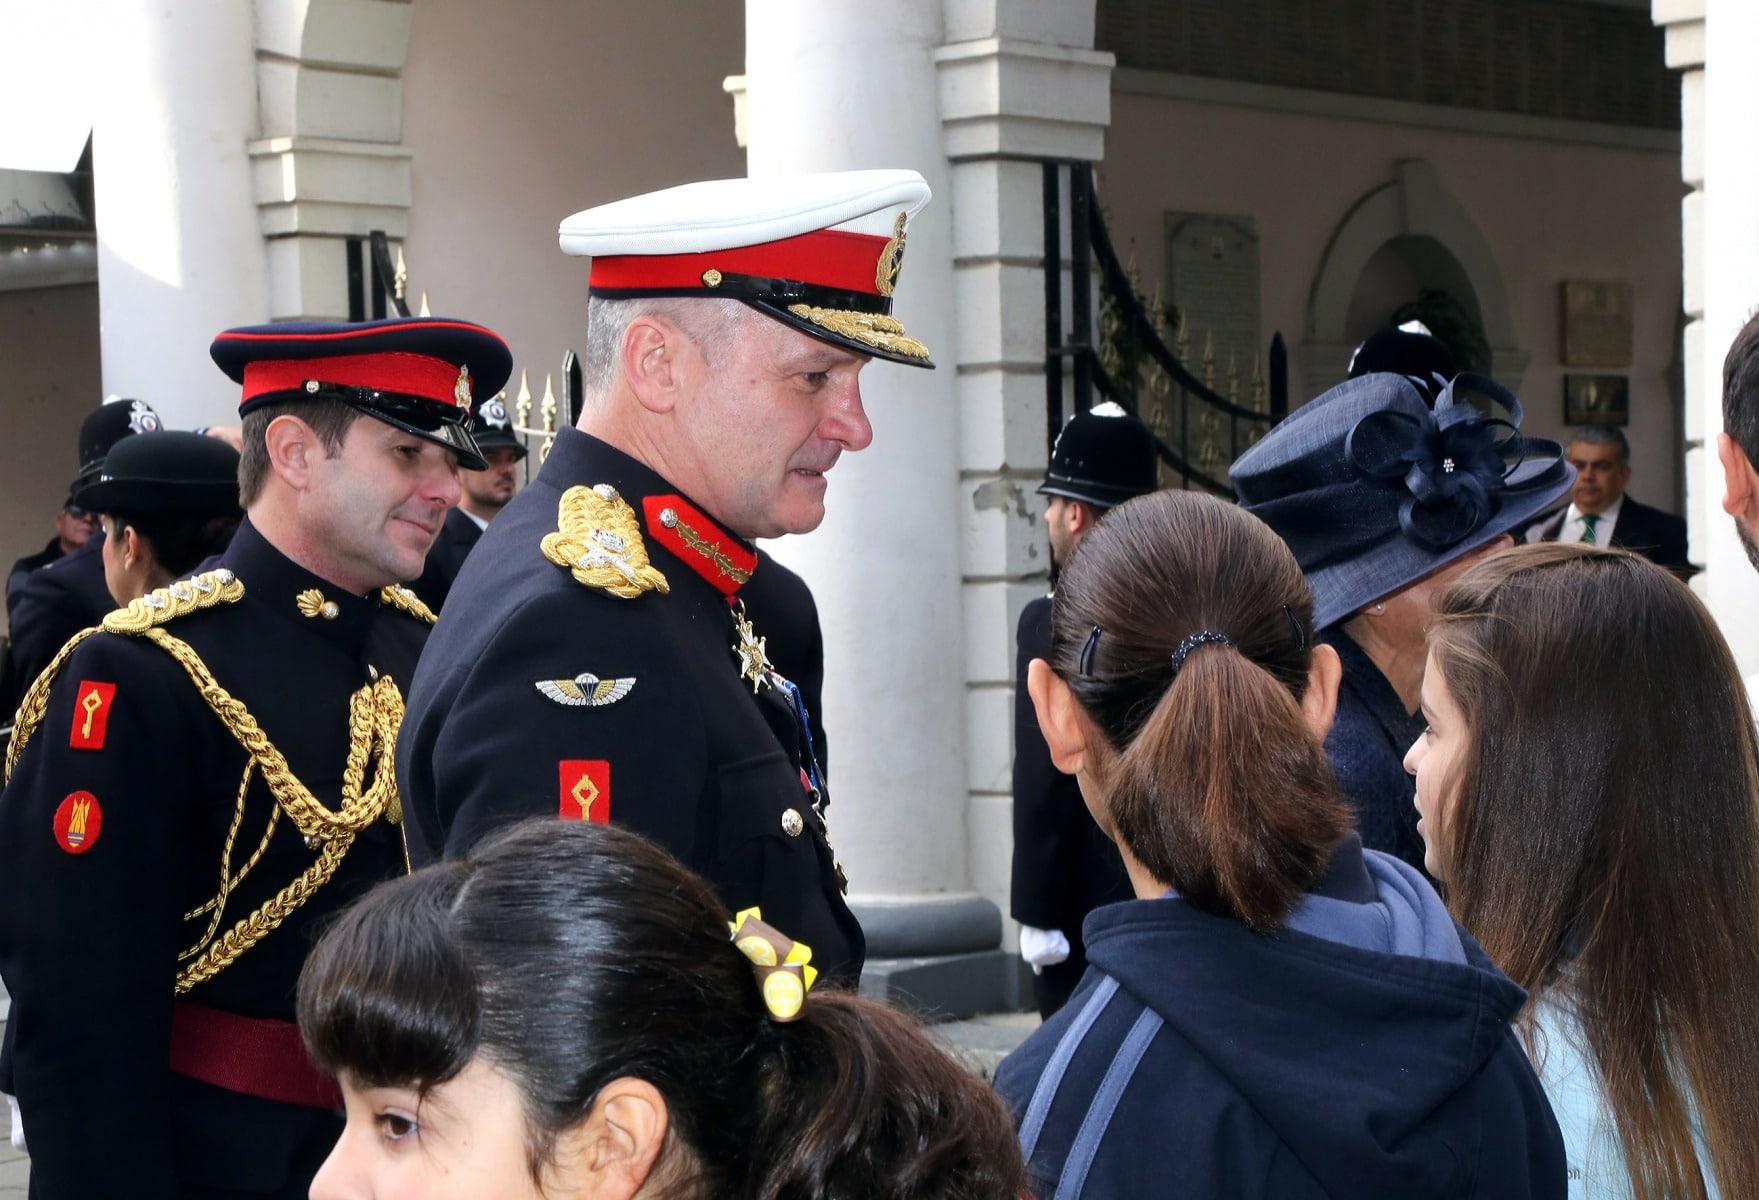 gobernador-de-gibraltar-edward-davis_24388713882_o